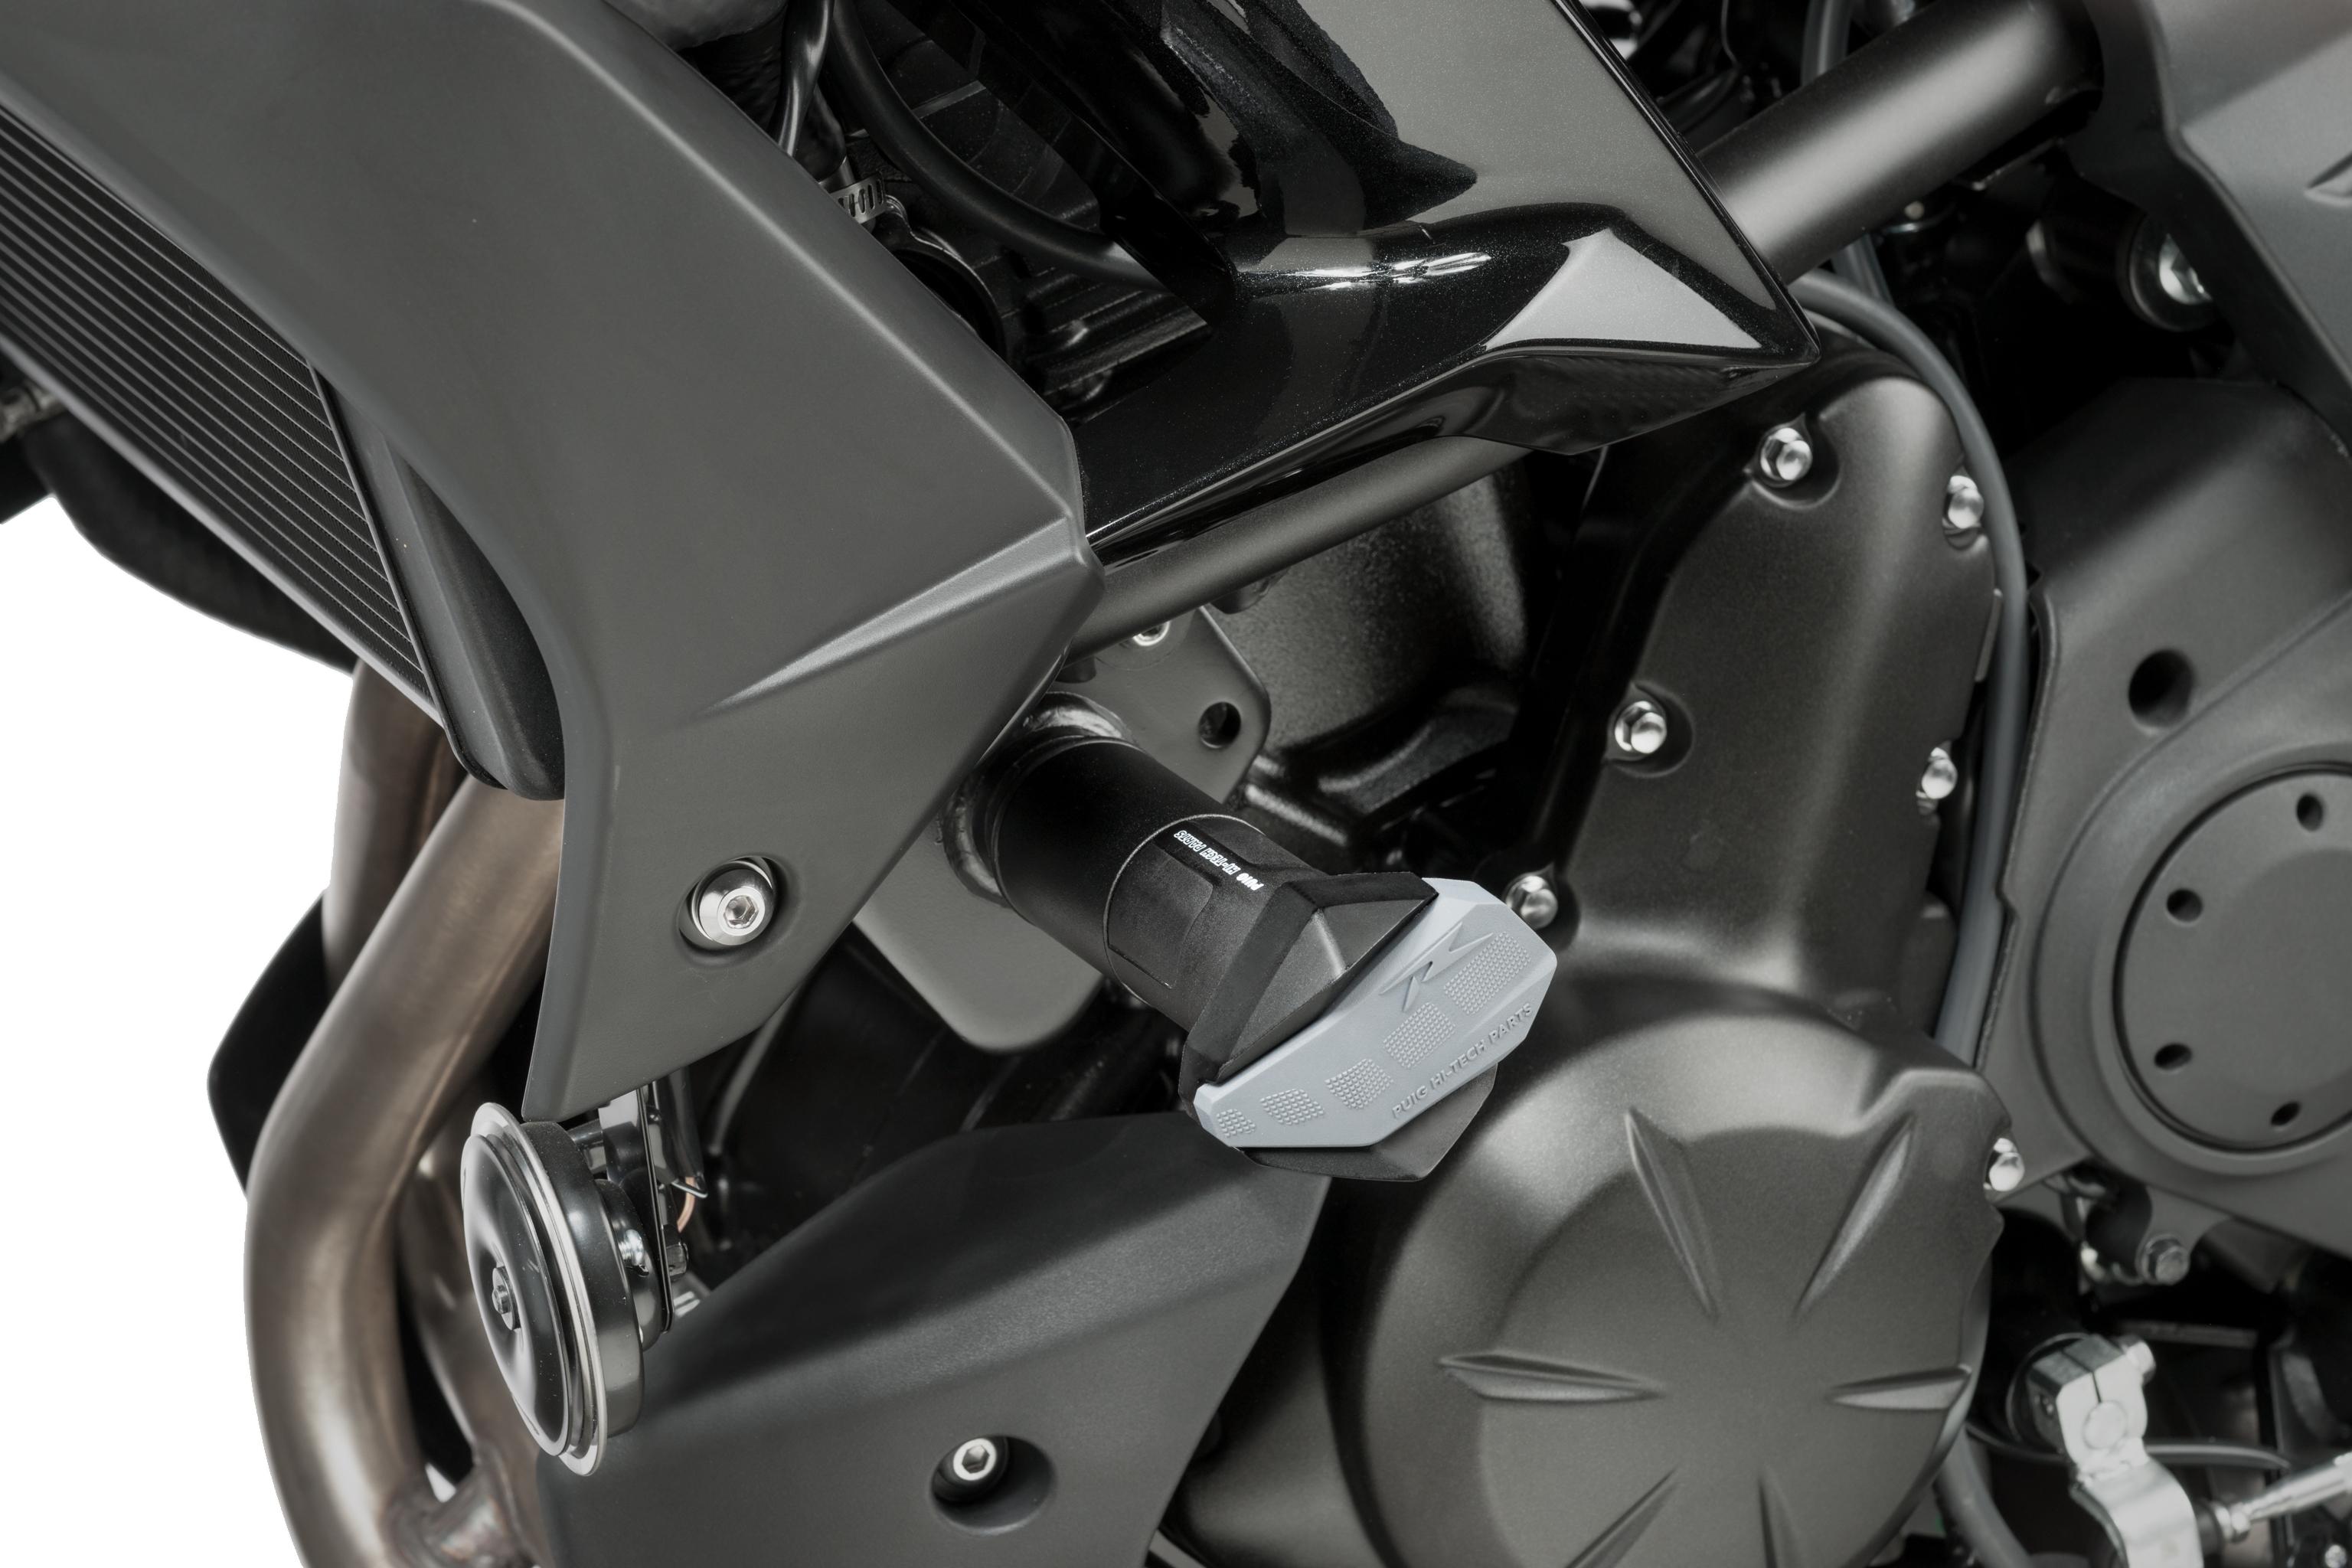 8 colors Frame Sliders Crash Protector For Kawasaki KLE 650 Versys 2007-2015